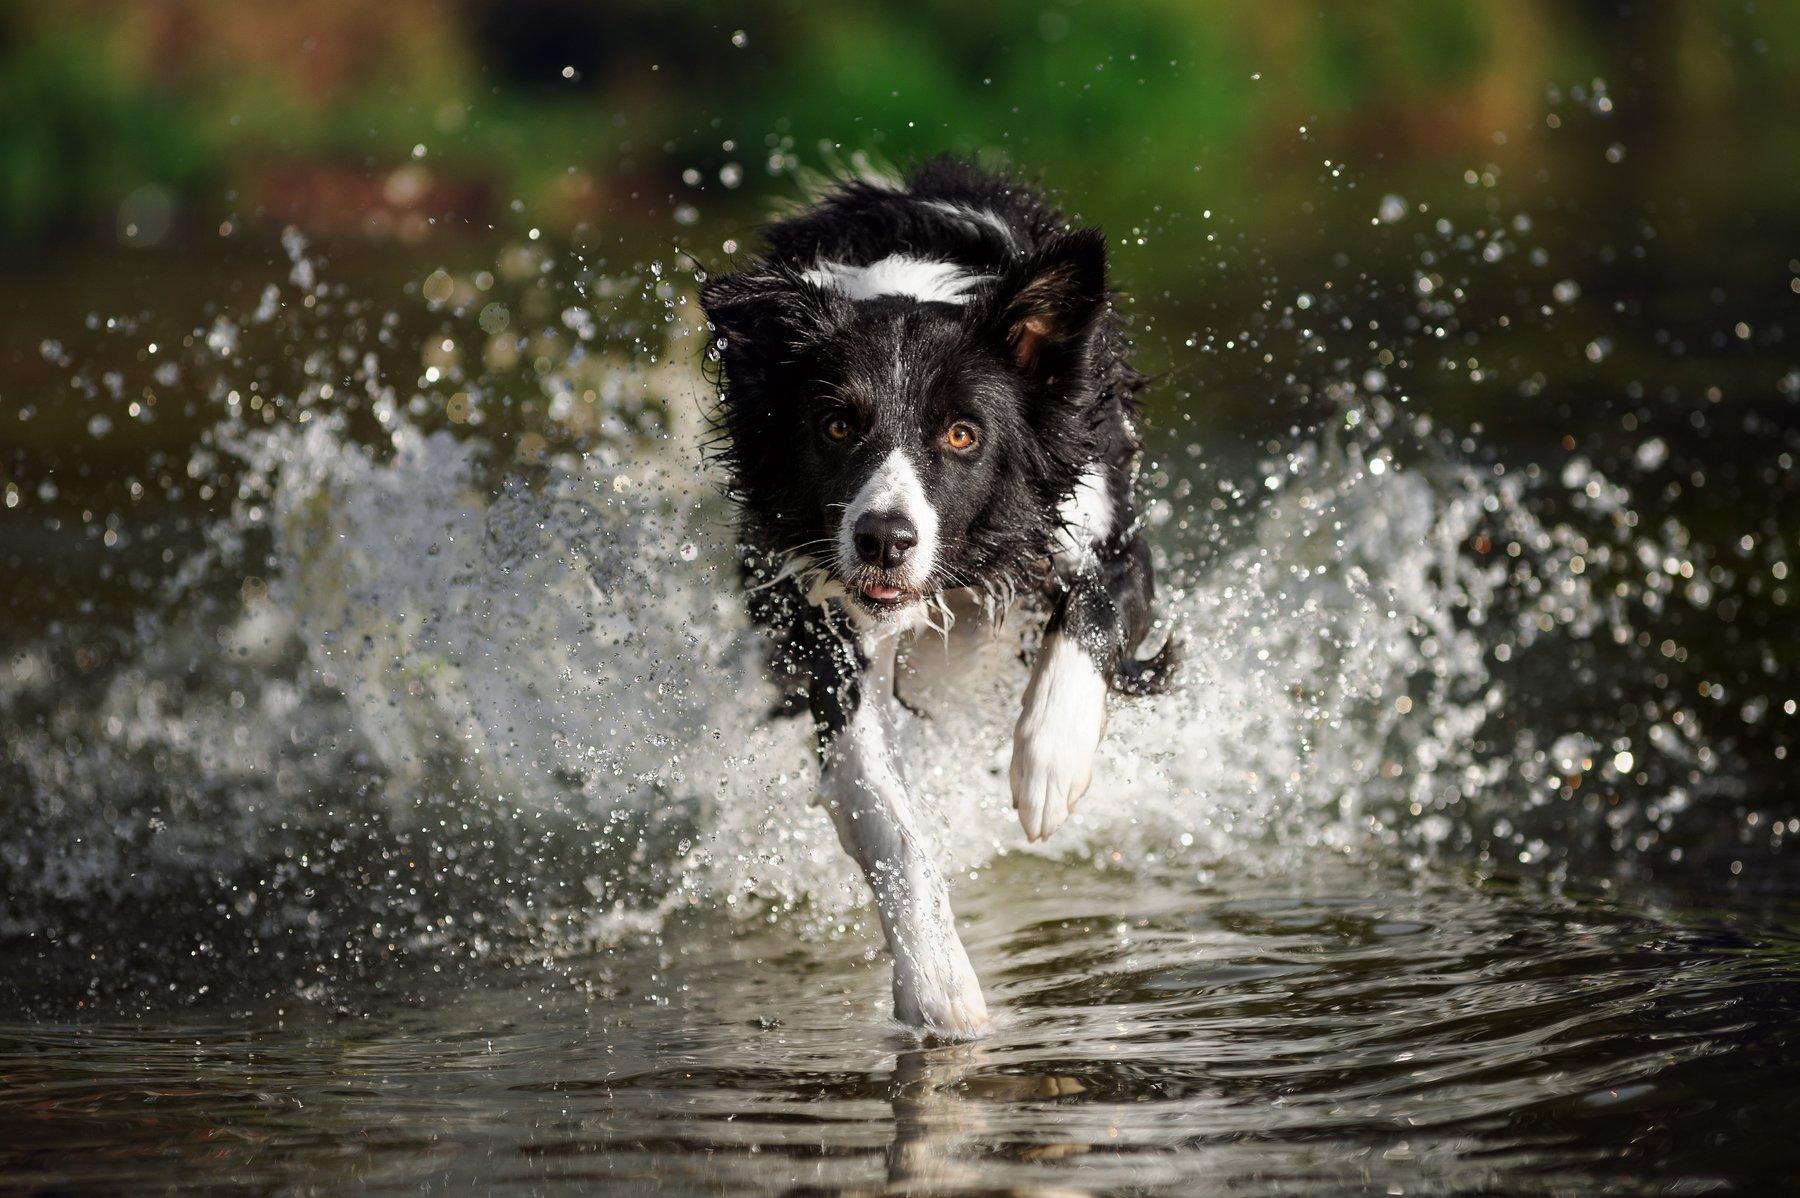 бордер колли, собака, бордер, бежит, питомец, движение, уши, пёс, любимец, вода, брызги, Титова Анна